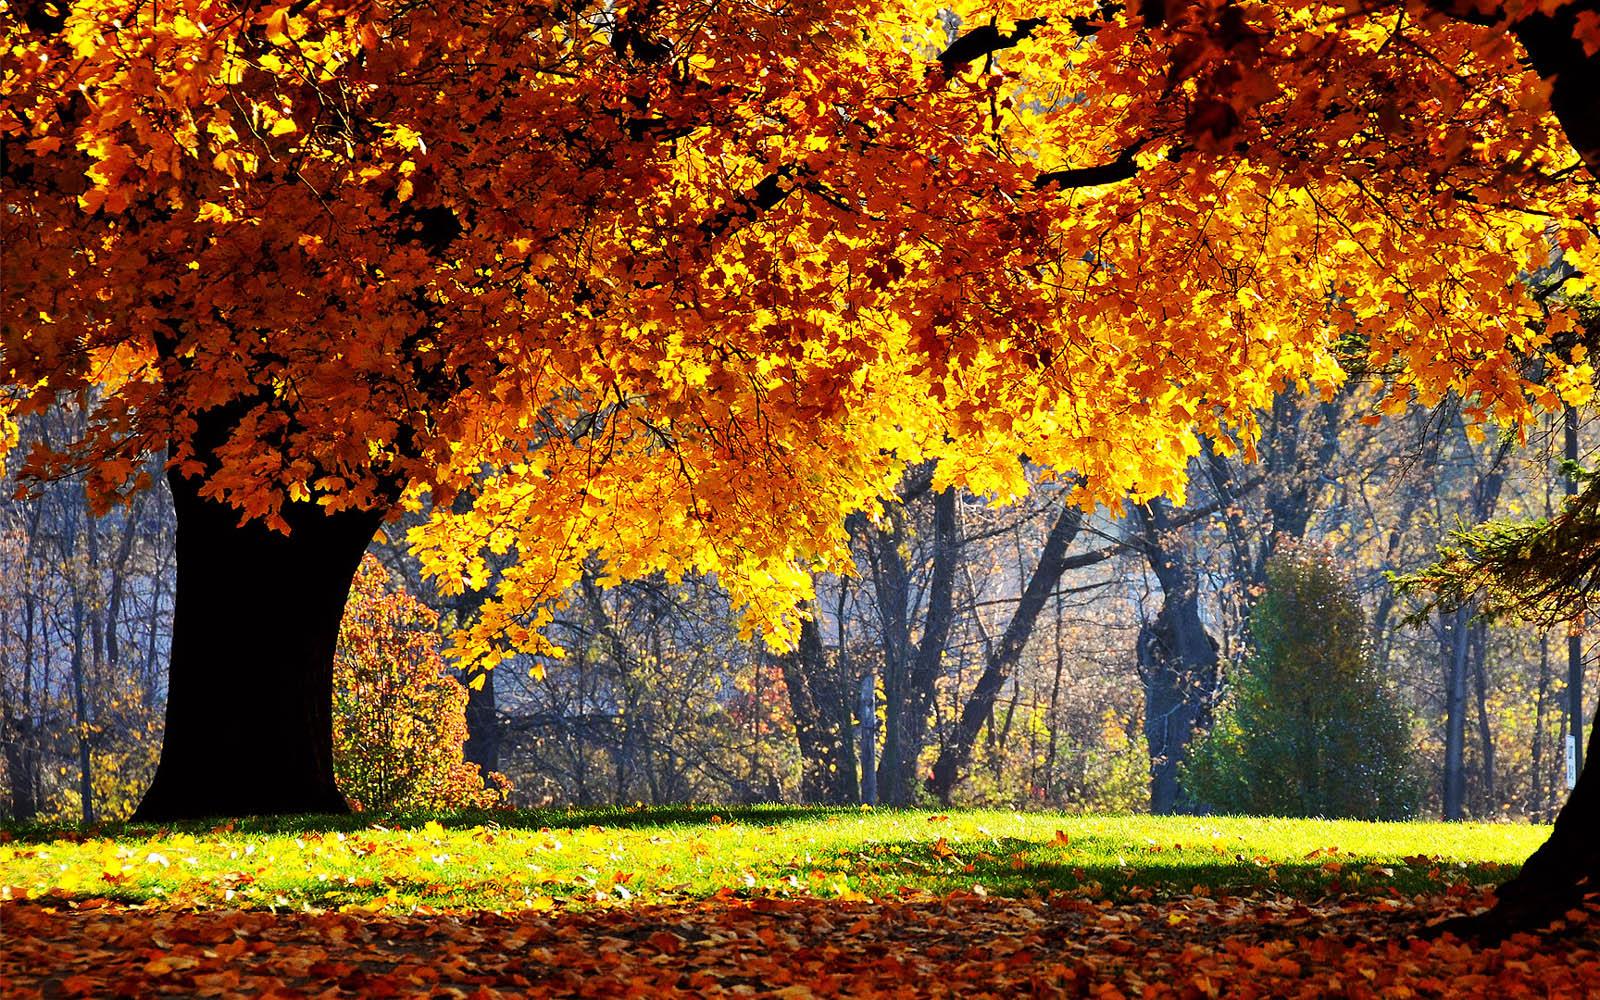 Beautiful Autumn Scenery Wallpapers Desktop Wallpapers Online 1600x1000